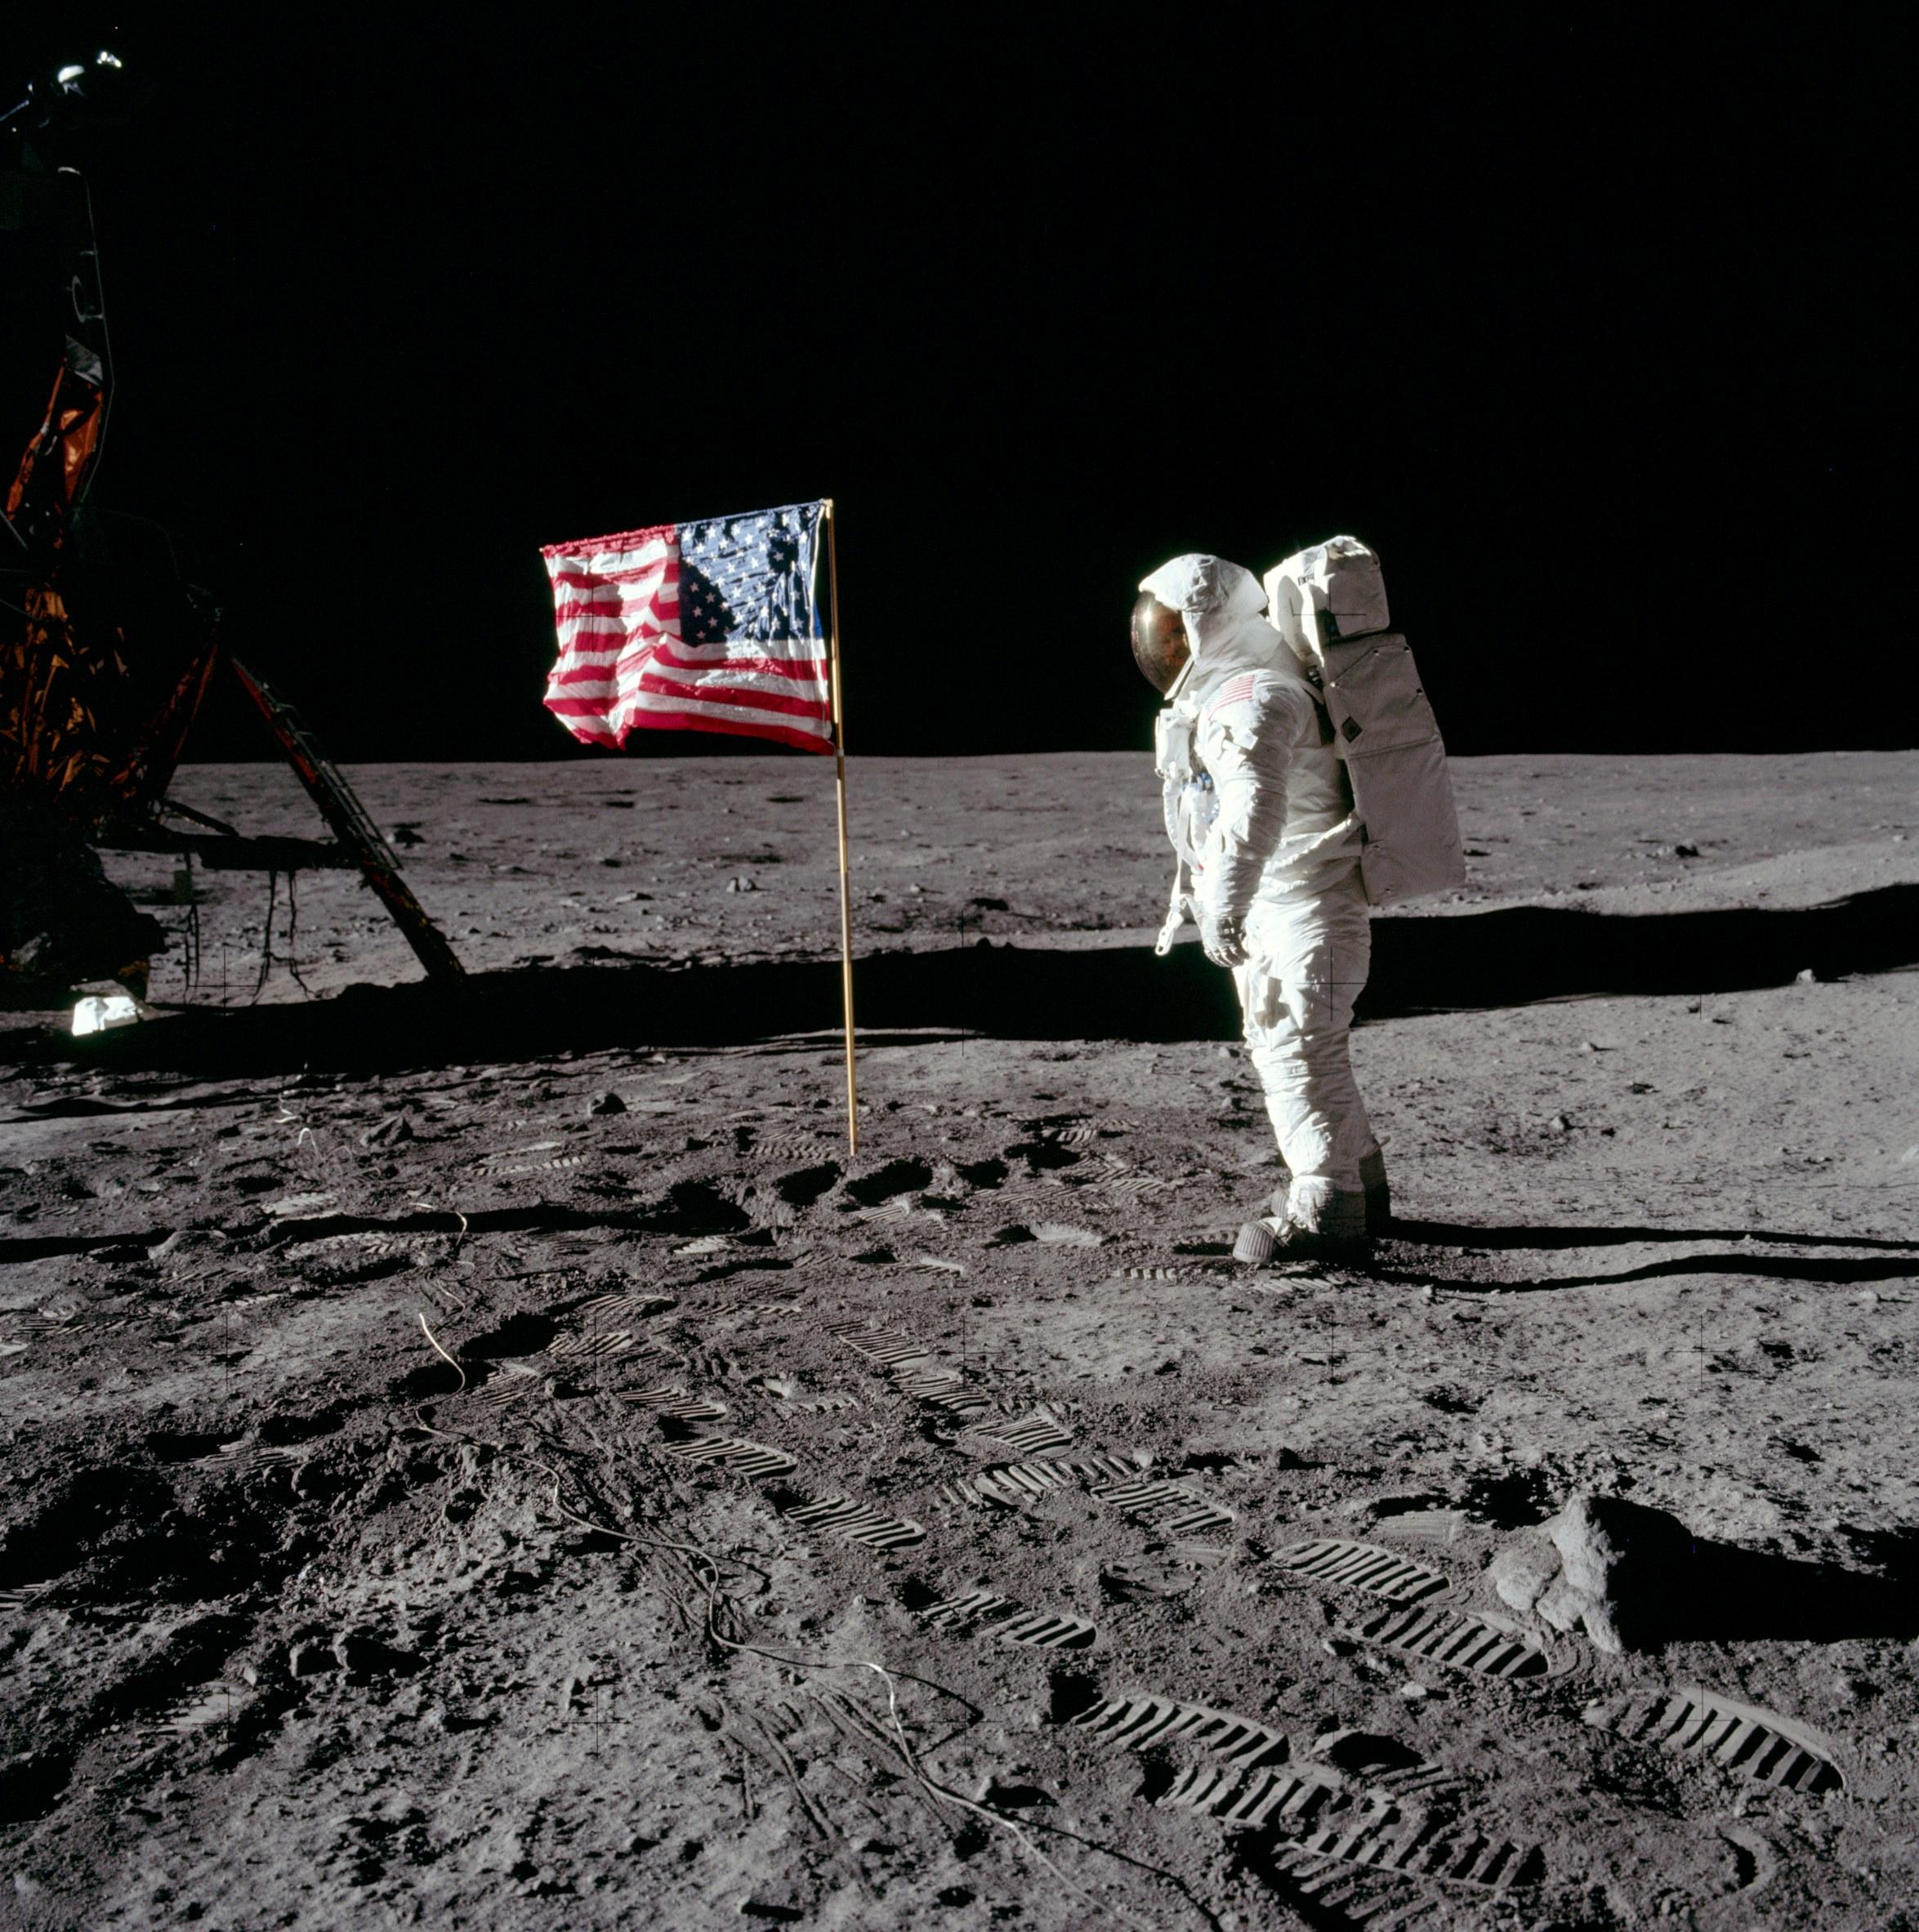 Lockheed Martin Aktie Analyse Apollo Mission